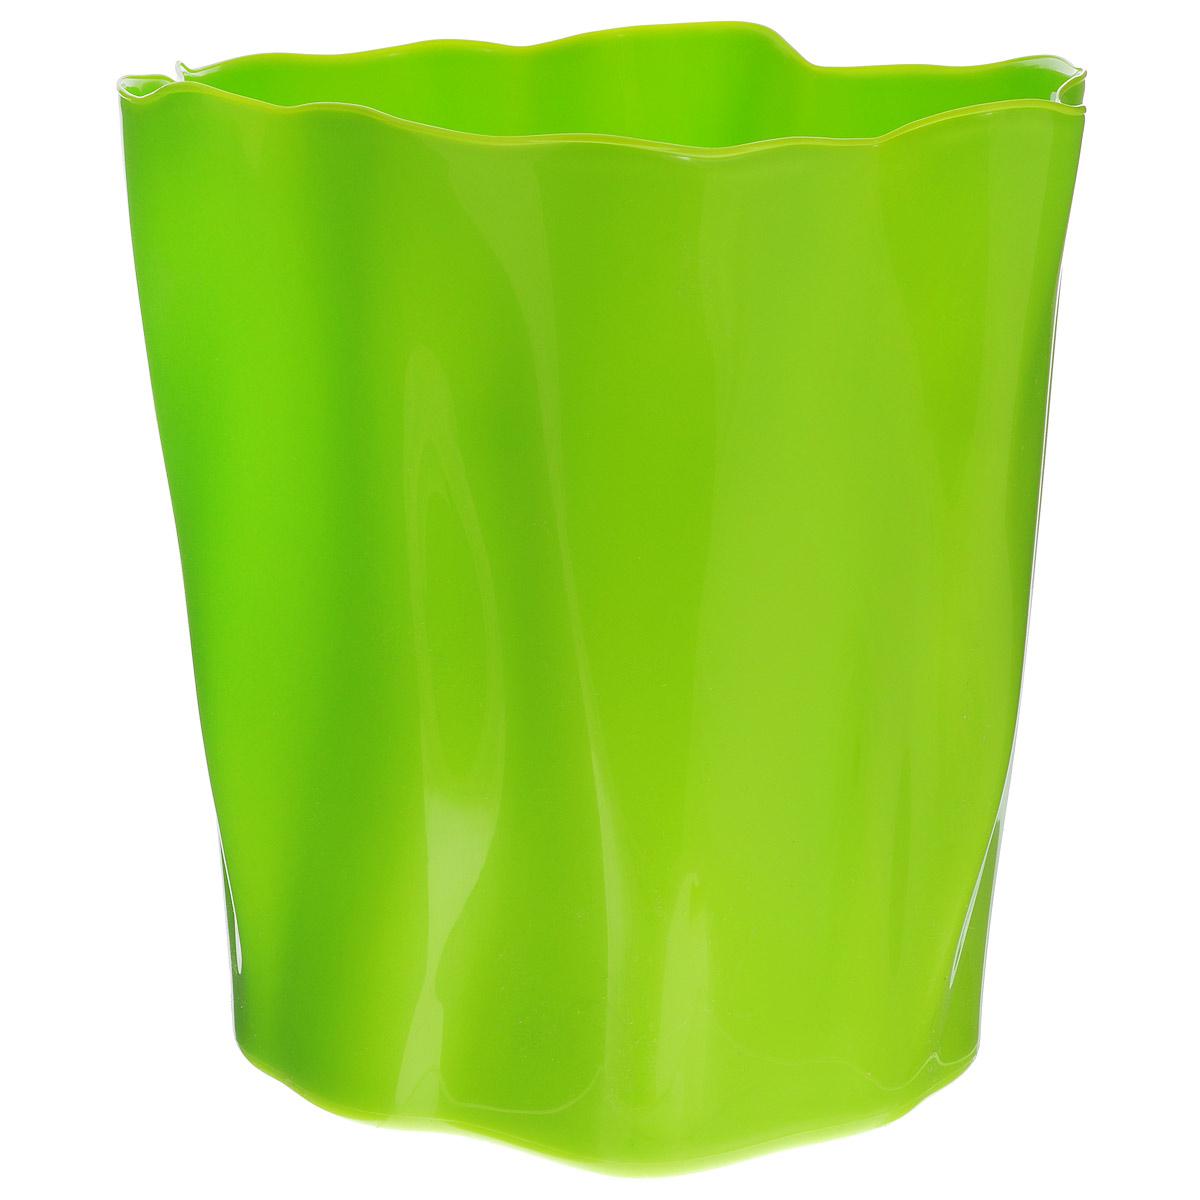 Органайзер Qualy Flow, большой, цвет: зеленый, диаметр 27 смS03301004Органайзер Qualy Flow может пригодиться на кухне, в ванной, в гостиной, на даче, на природе, в городе, в деревне. В него можно складывать фрукты, овощи, хлеб, кухонные приборы и аксессуары, всевозможные баночки, можно использовать органайзер как мусорную корзину, вазу. Все зависит от вашей фантазии и от хозяйственных потребностей! Пластиковый оригинальный органайзер пригодится везде!Диаметр: 27 см.Высота стенки: 28 см.